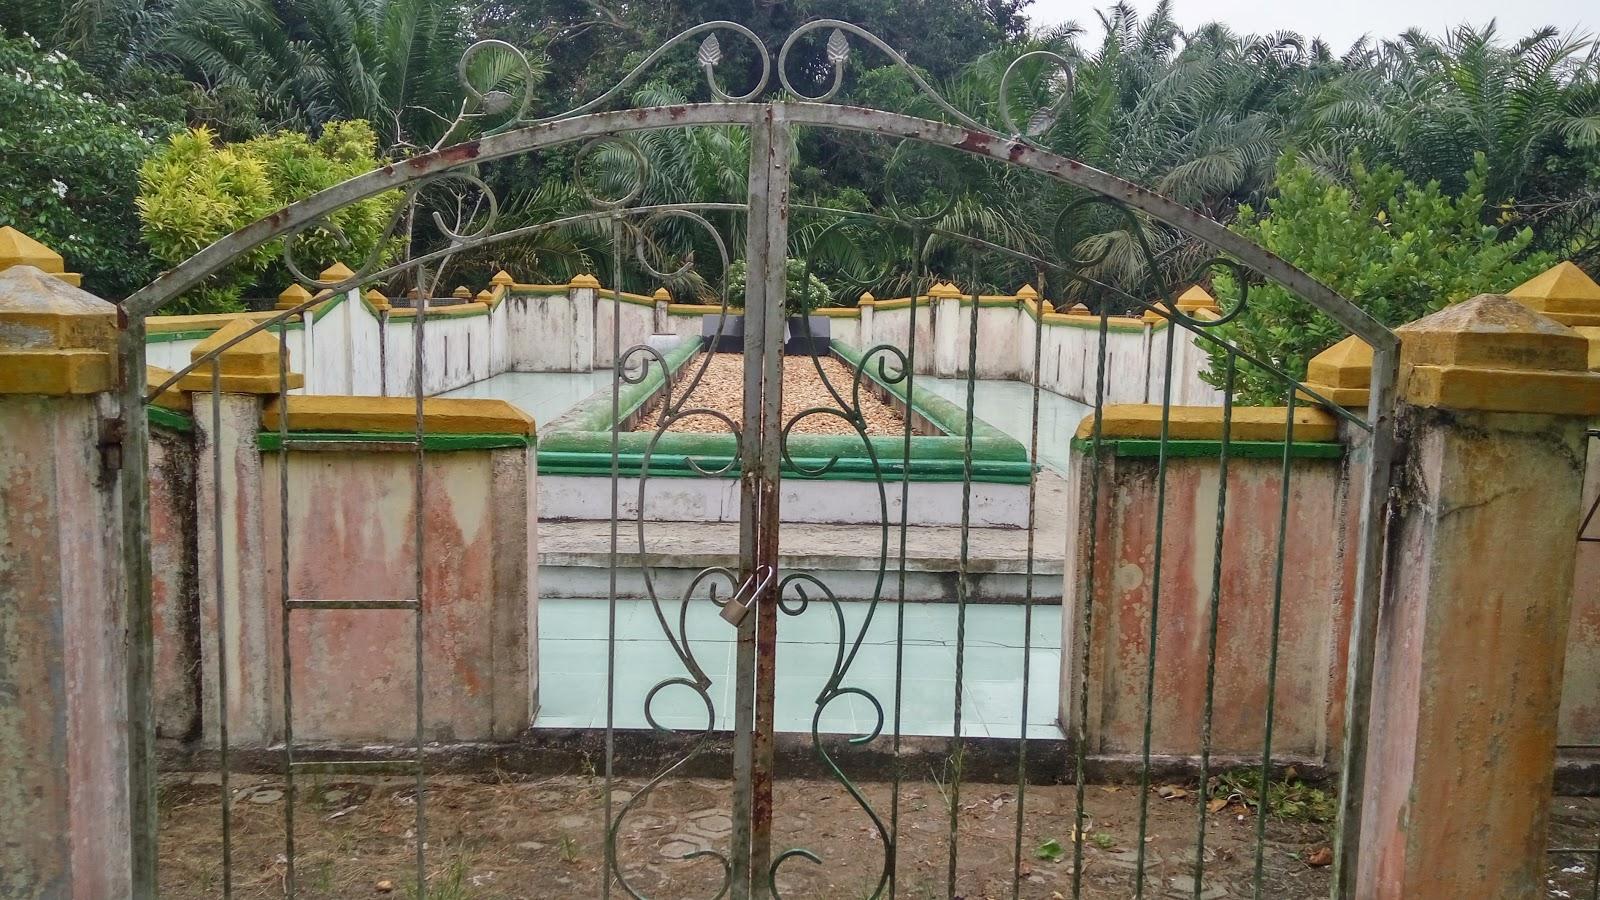 Komplek Cagar Budaya Pemakaman Raja Kota Lama